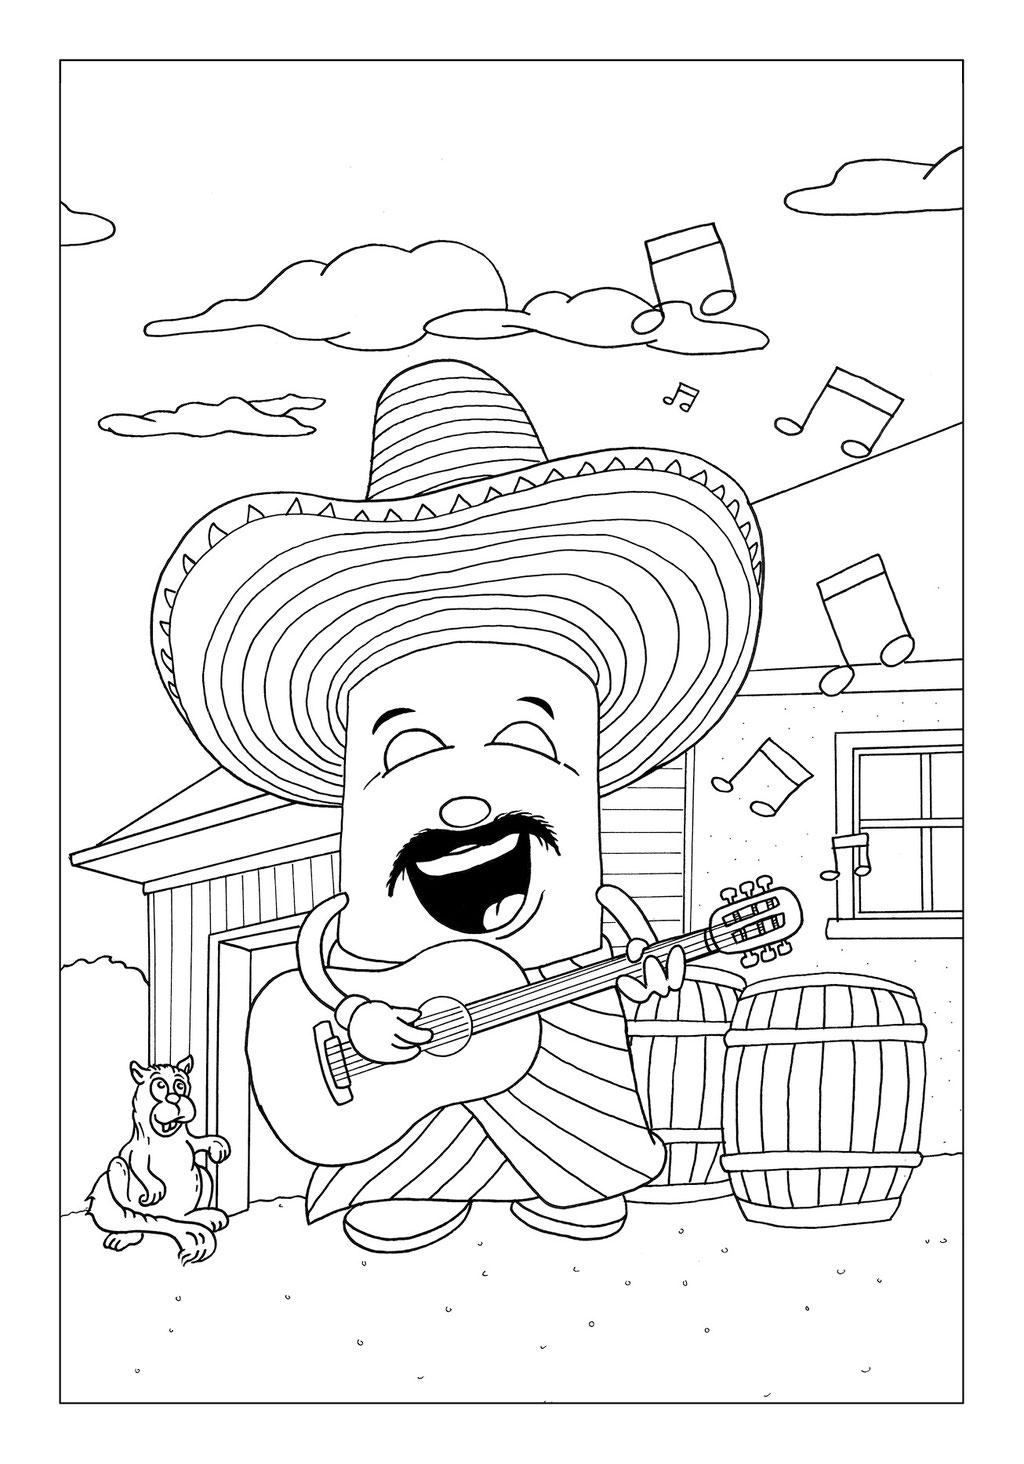 Vitogaz Kinder-Malbuch: Idee Zeichnung und Illustration: als Gitarren Spieler (Mariachi) in Mexico